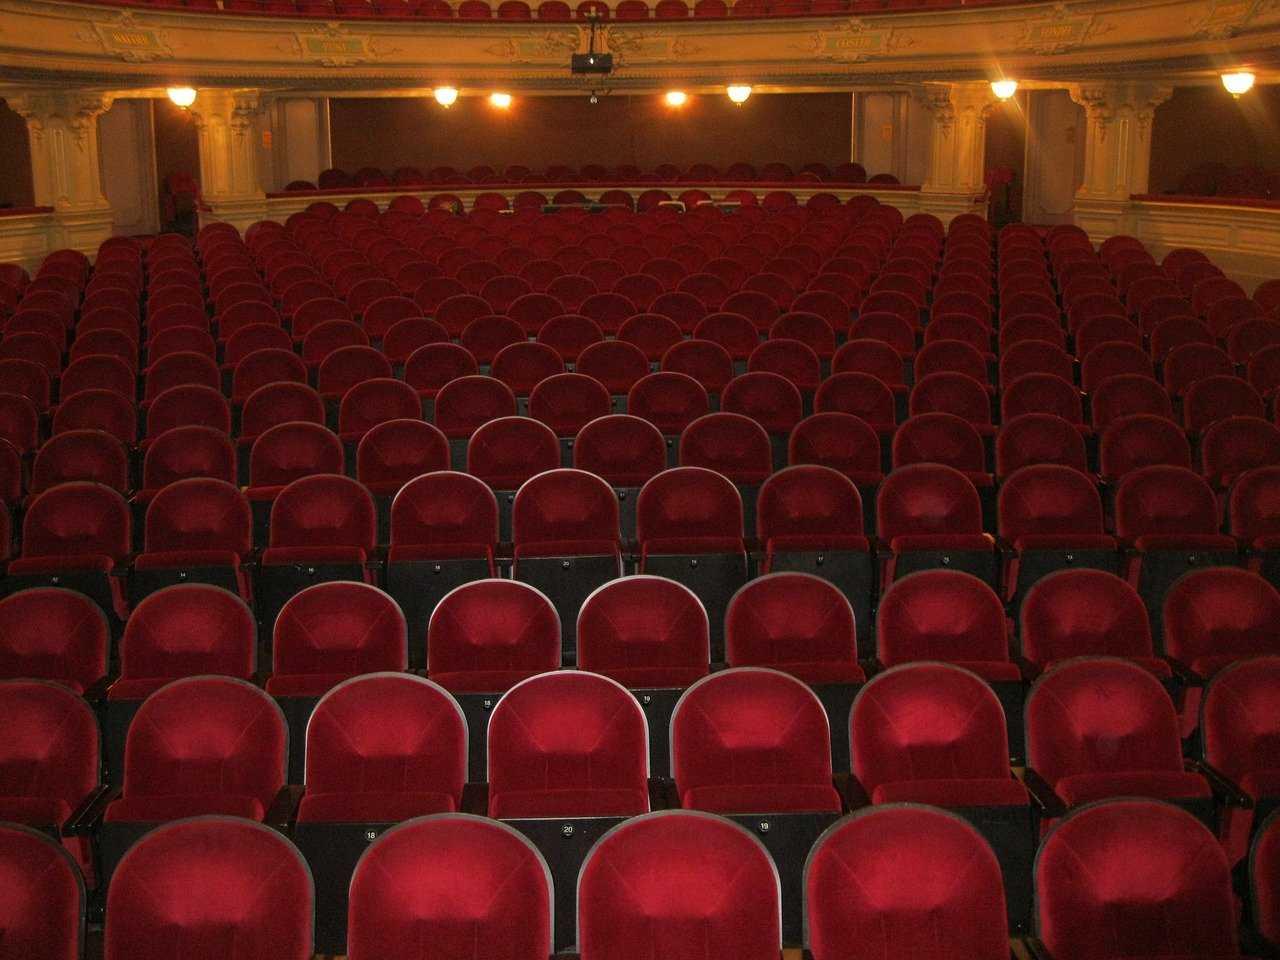 רעיון למתווה היציאה: התיאטראות יציגו הצגות באמפי וואהל בתל אביב